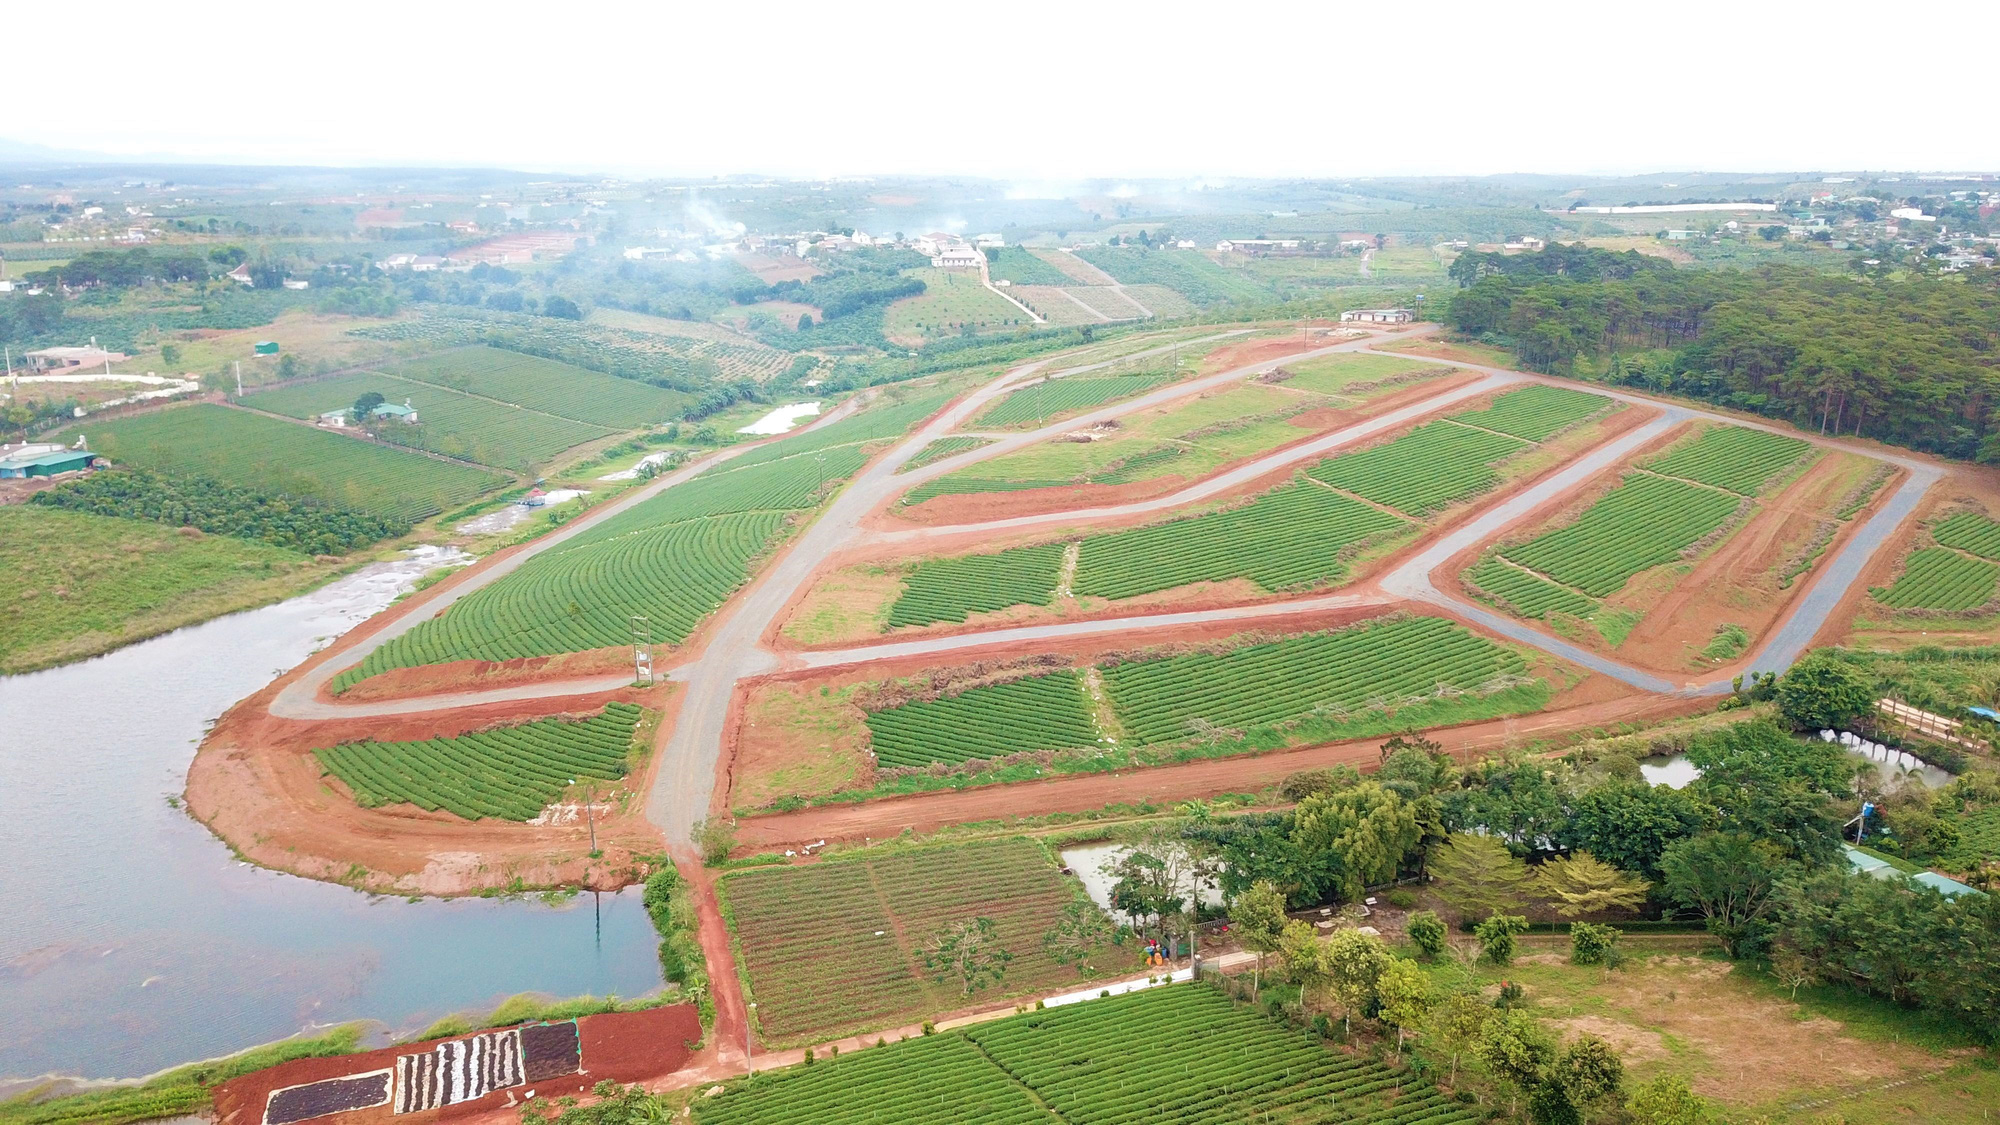 Lâm Đồng: Tạm đình chỉ công tác nhiều cán bộ do buông lỏng quản lý đất đai, xây dựng - Ảnh 1.